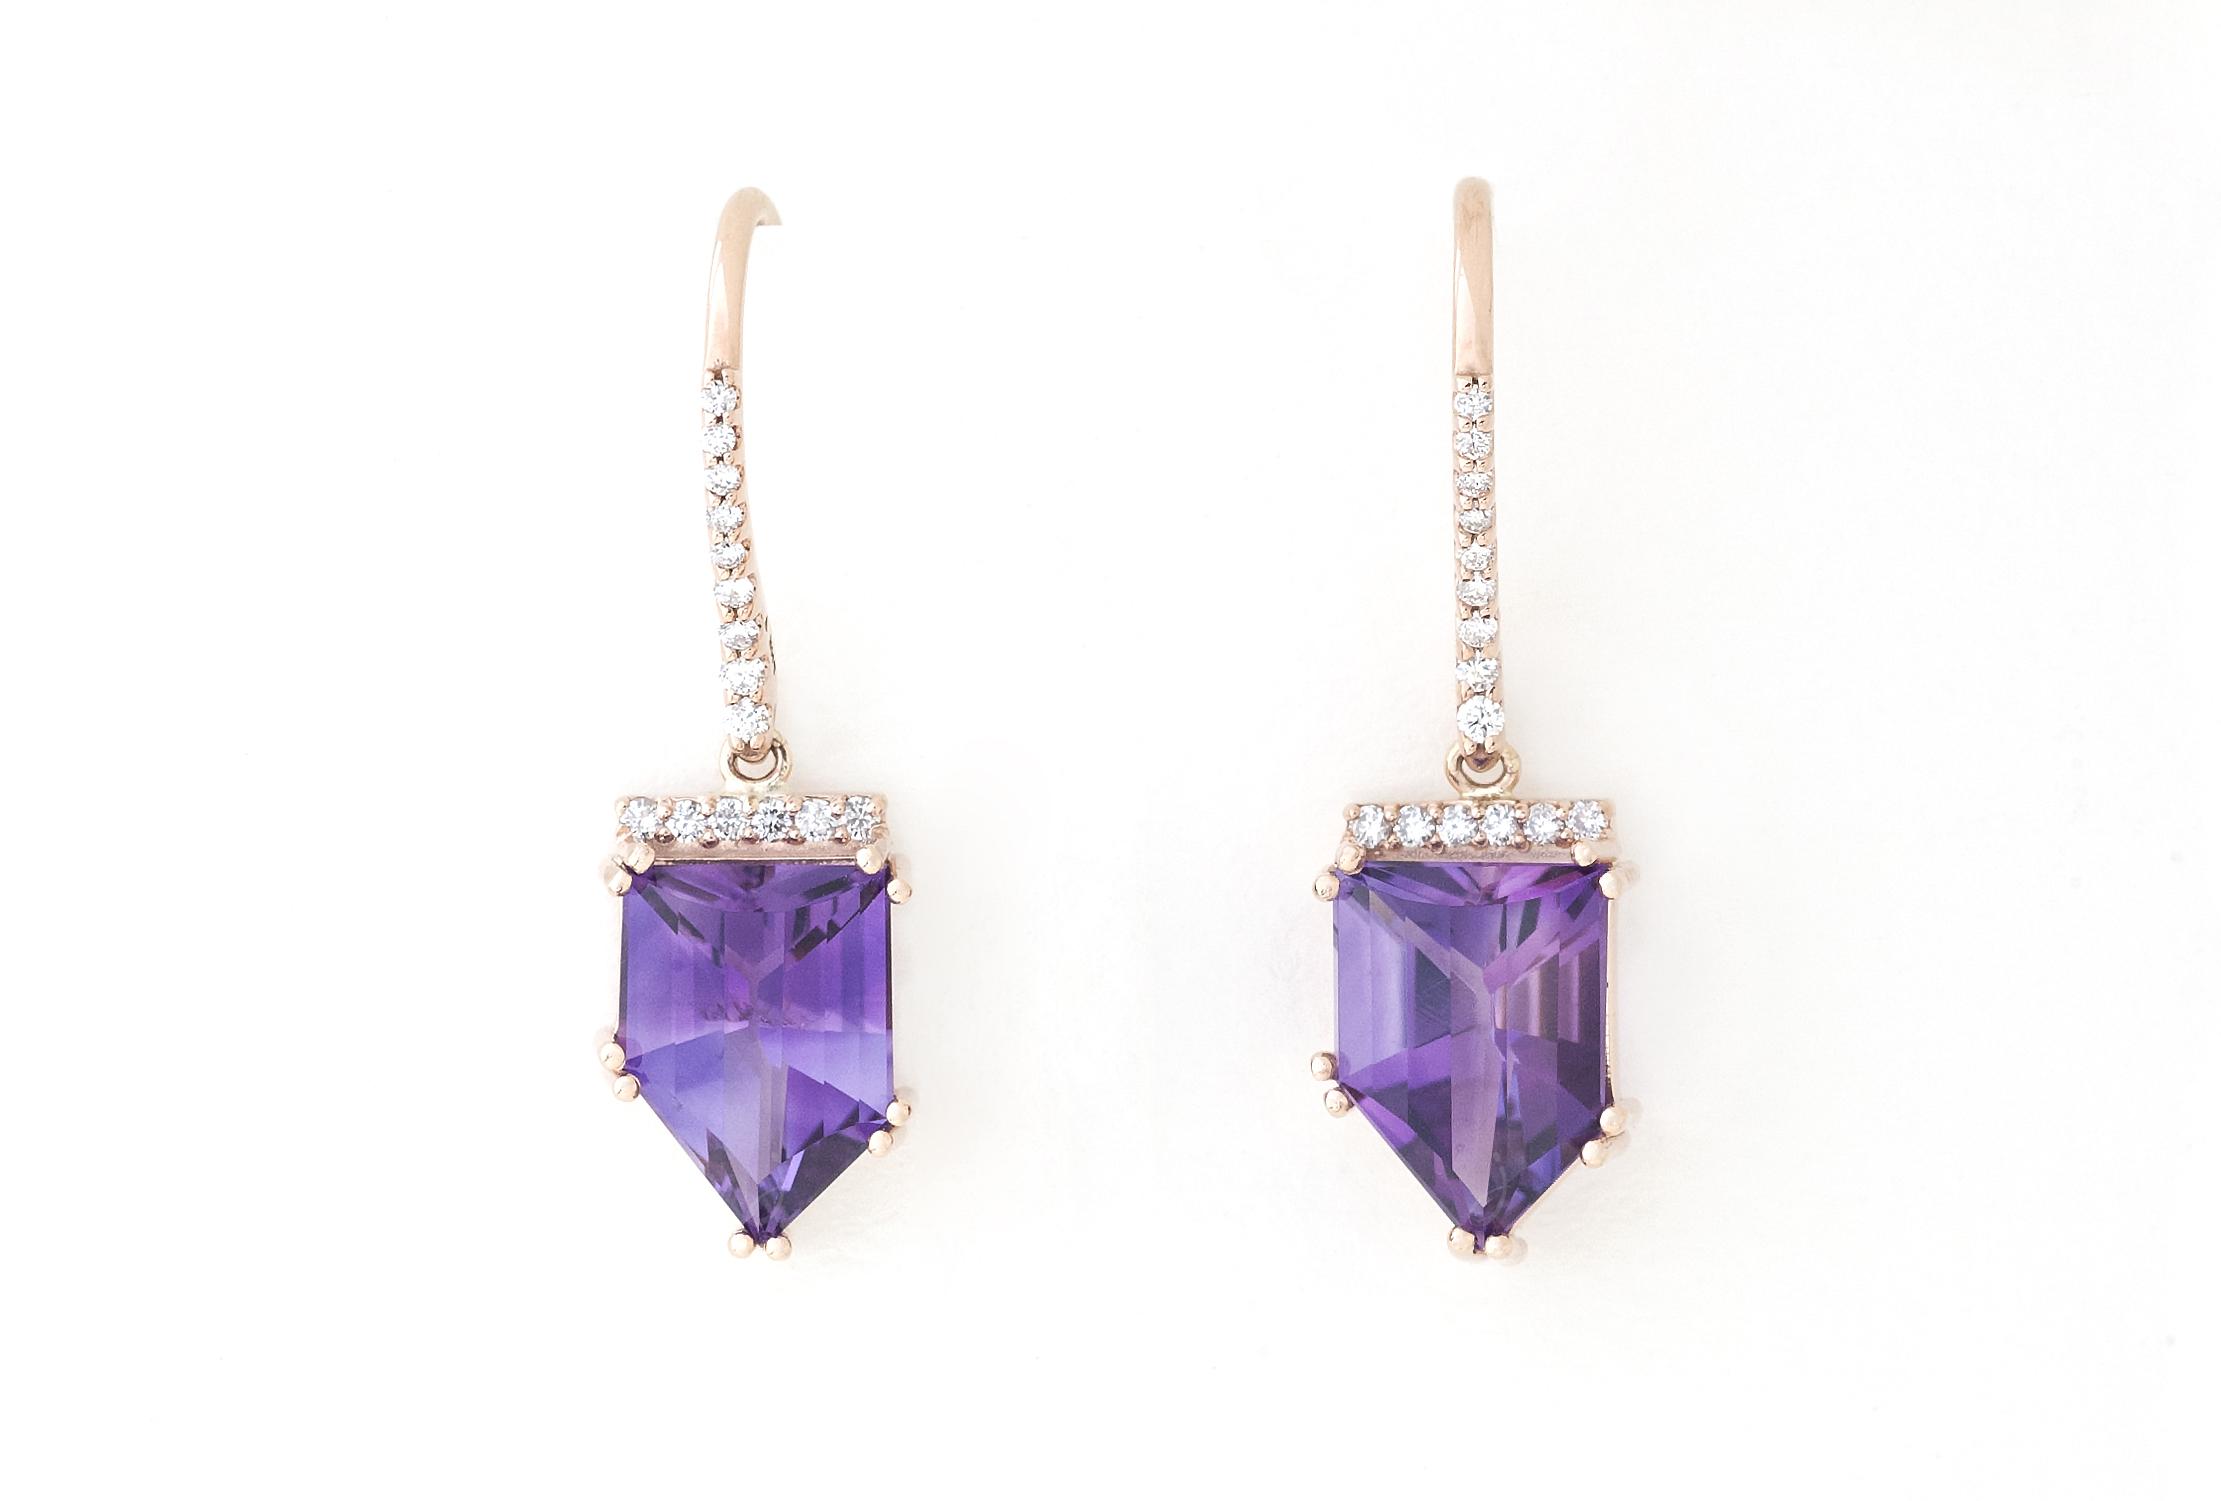 Amythest and diamond earrings